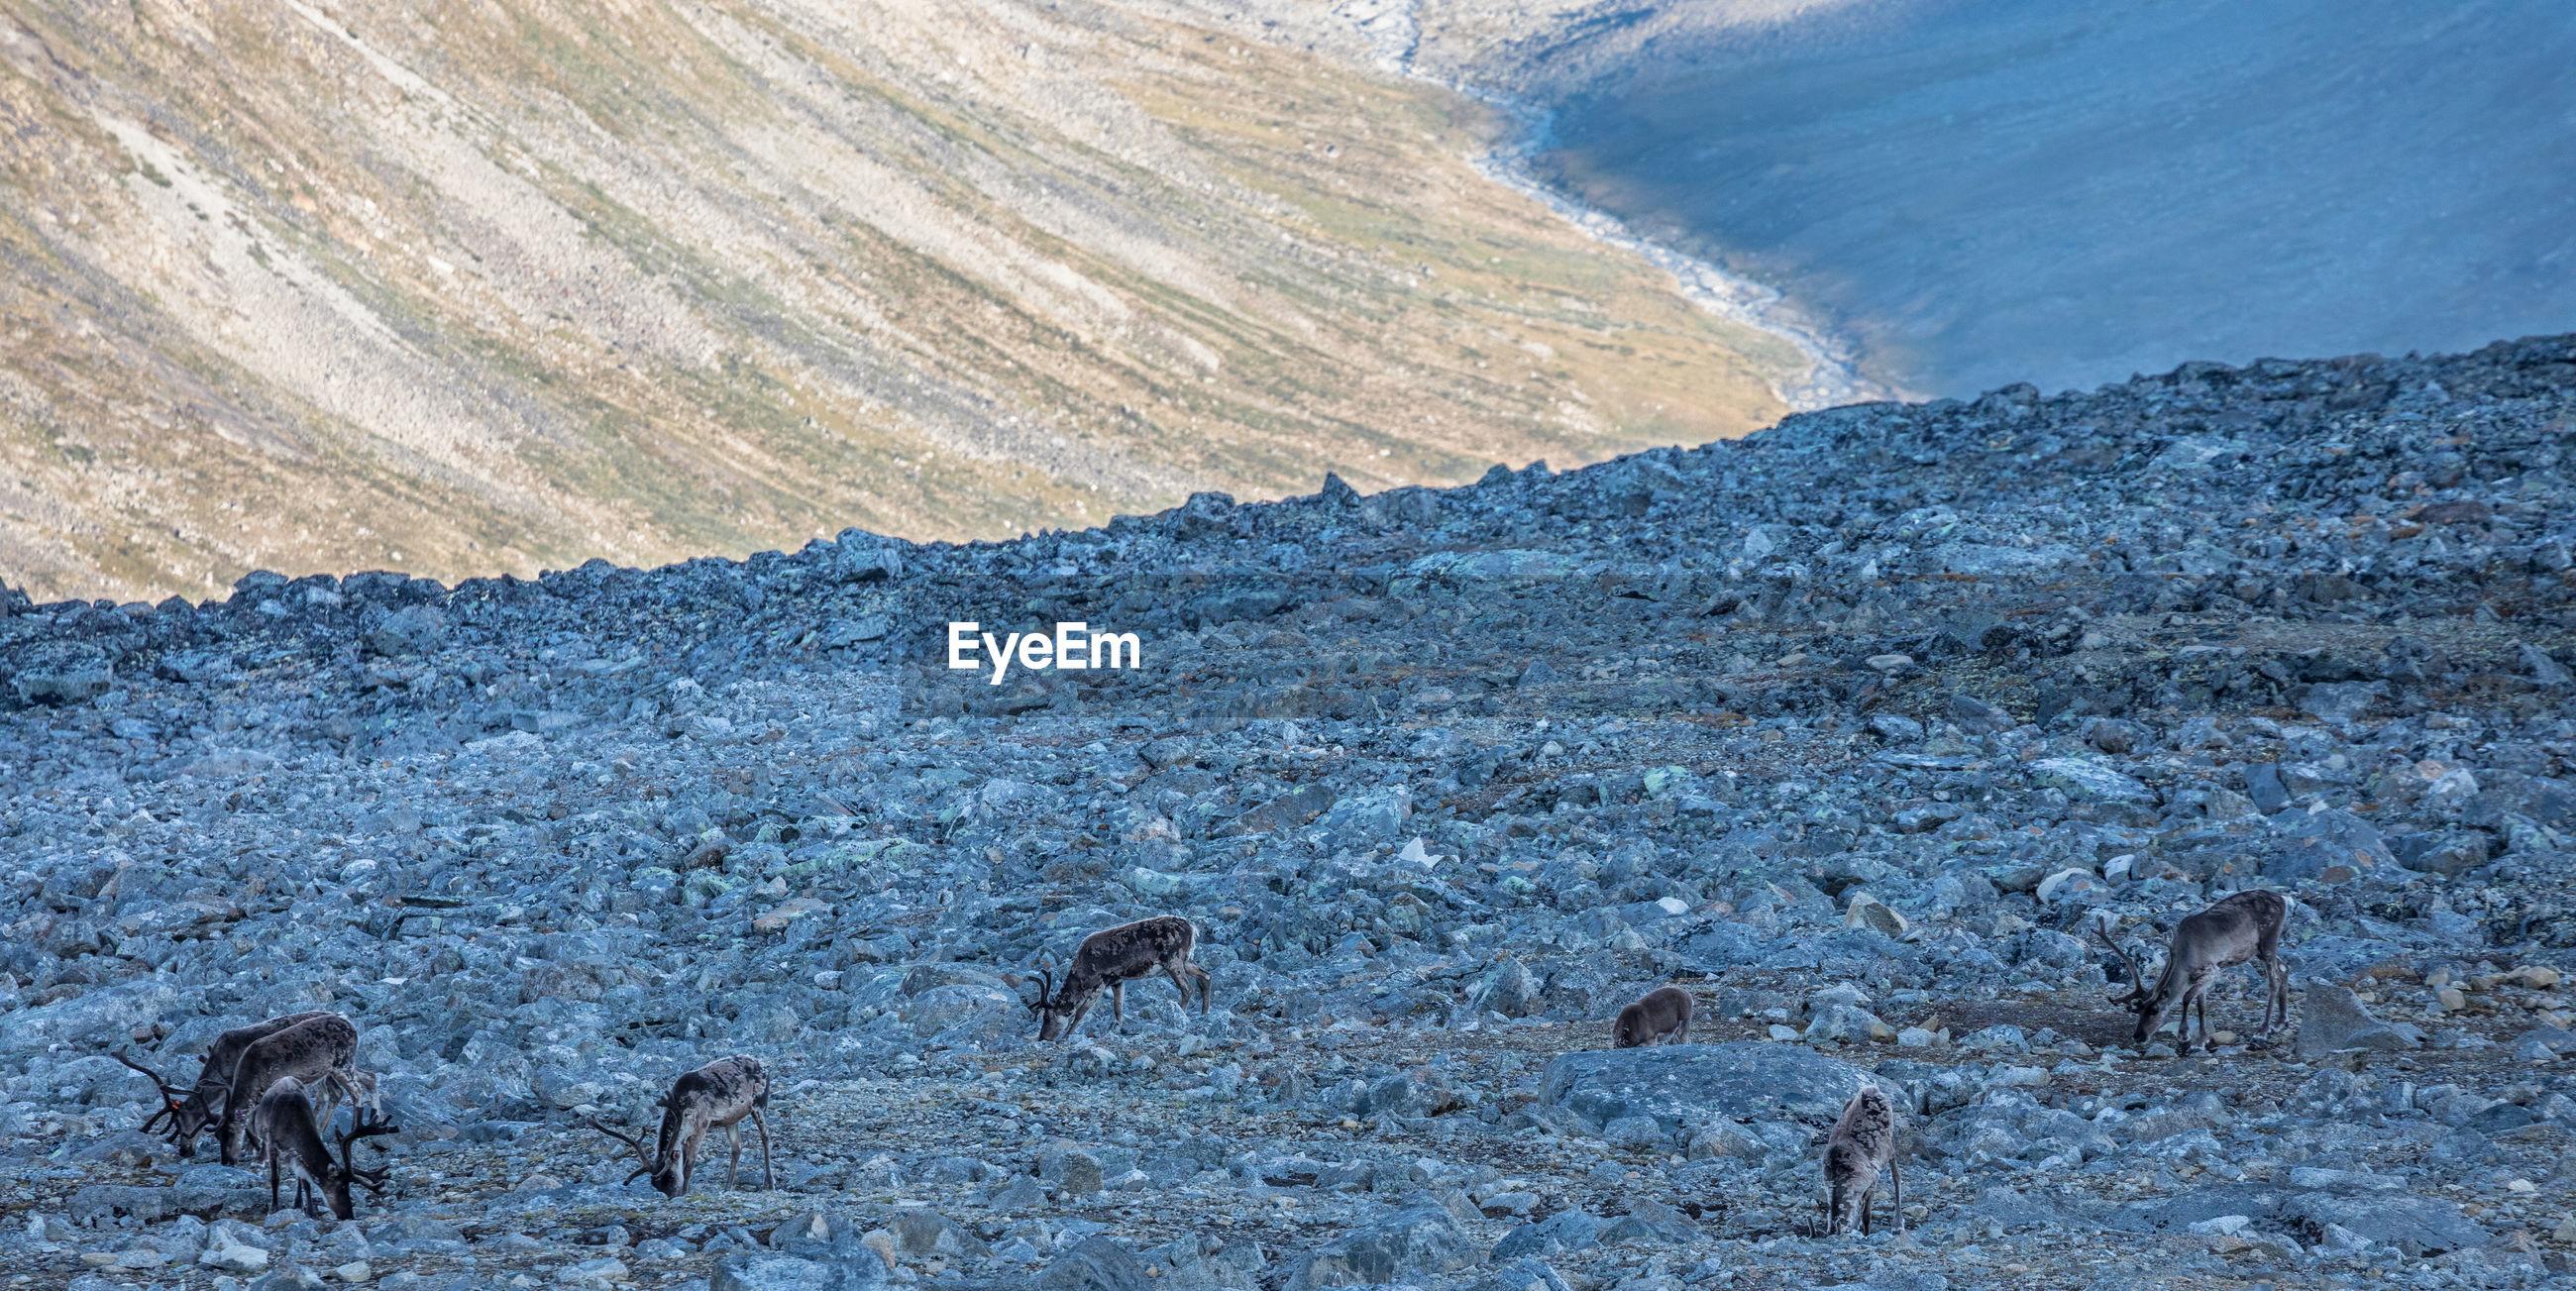 Deer on rocks